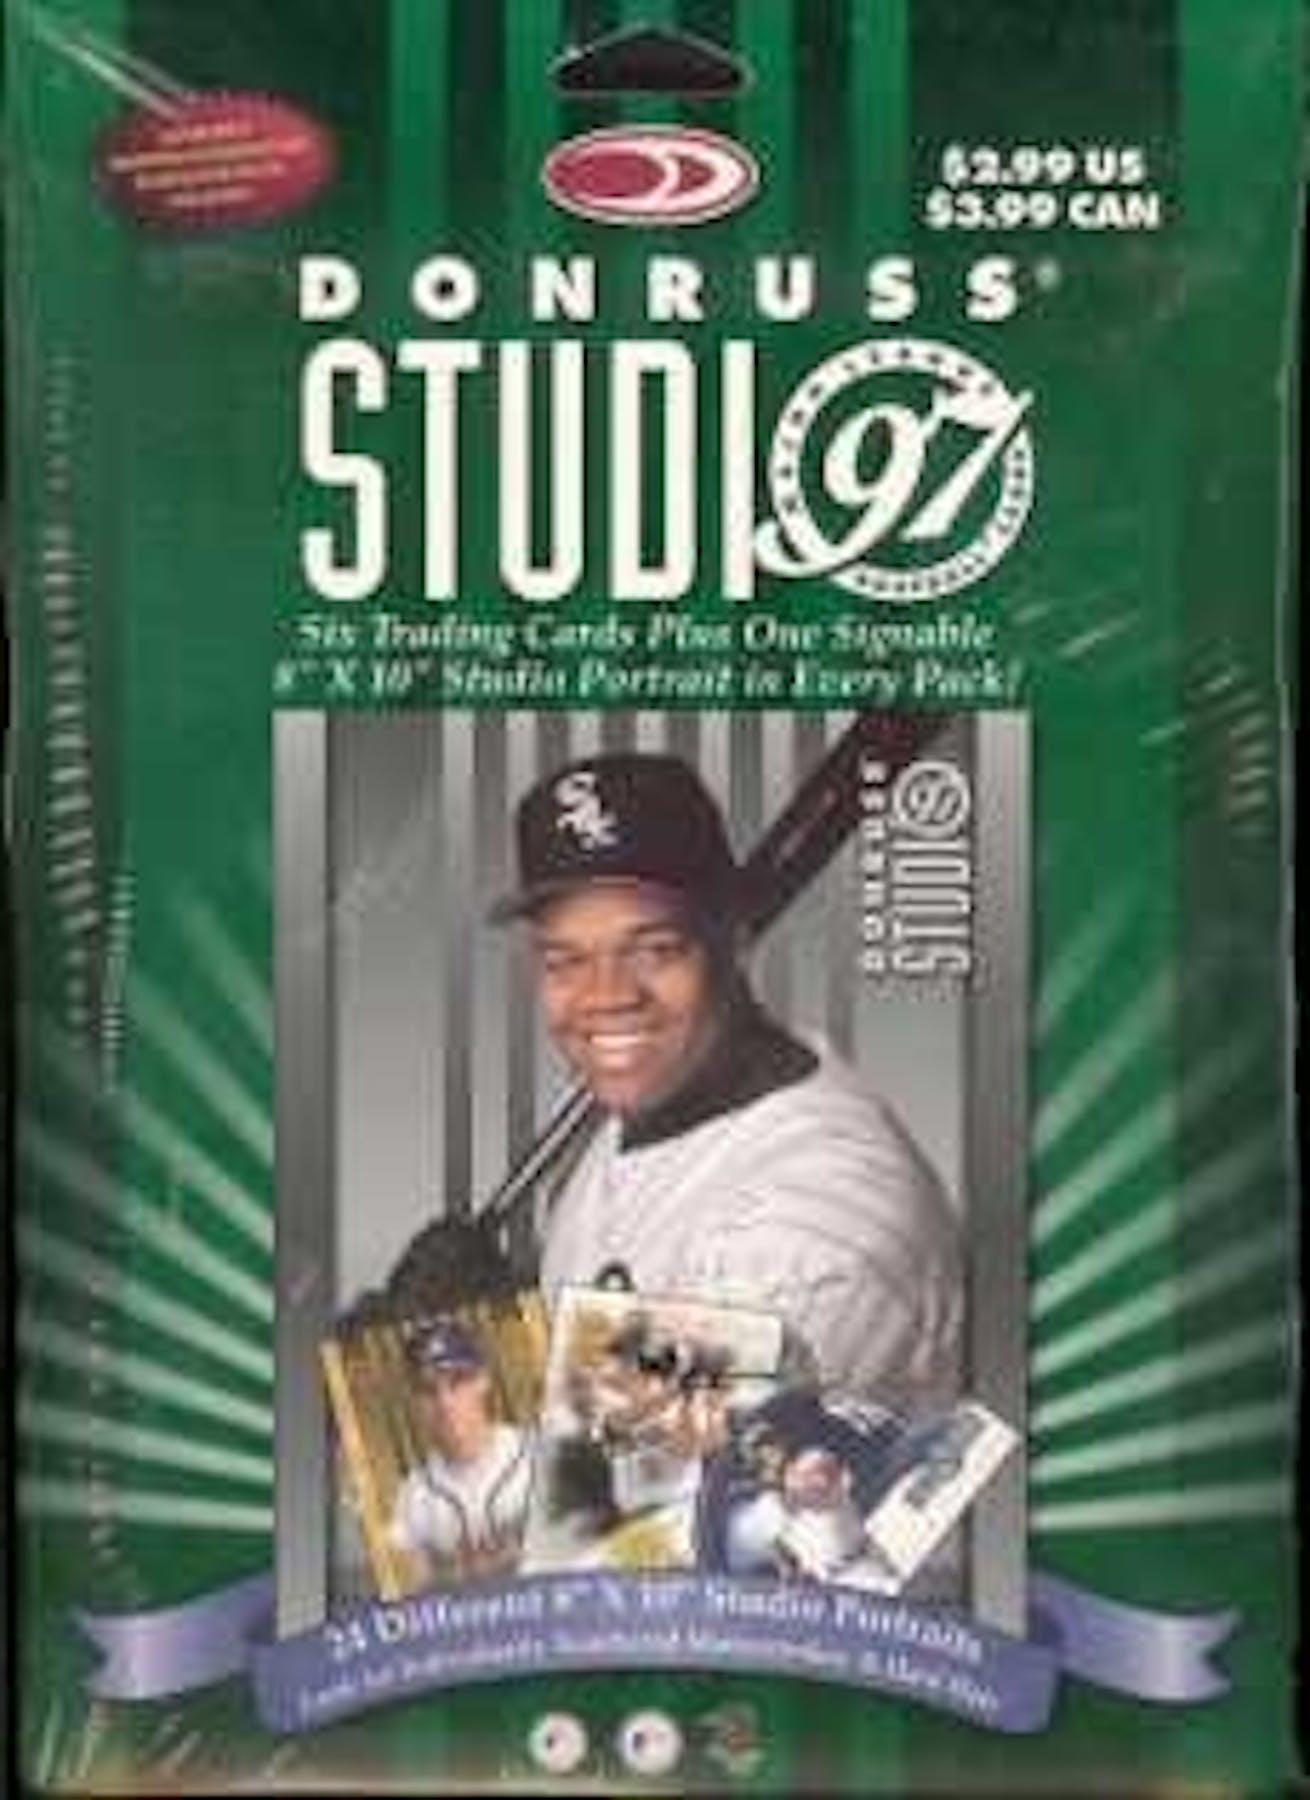 1997 Donruss Studio Baseball Box Da Card World